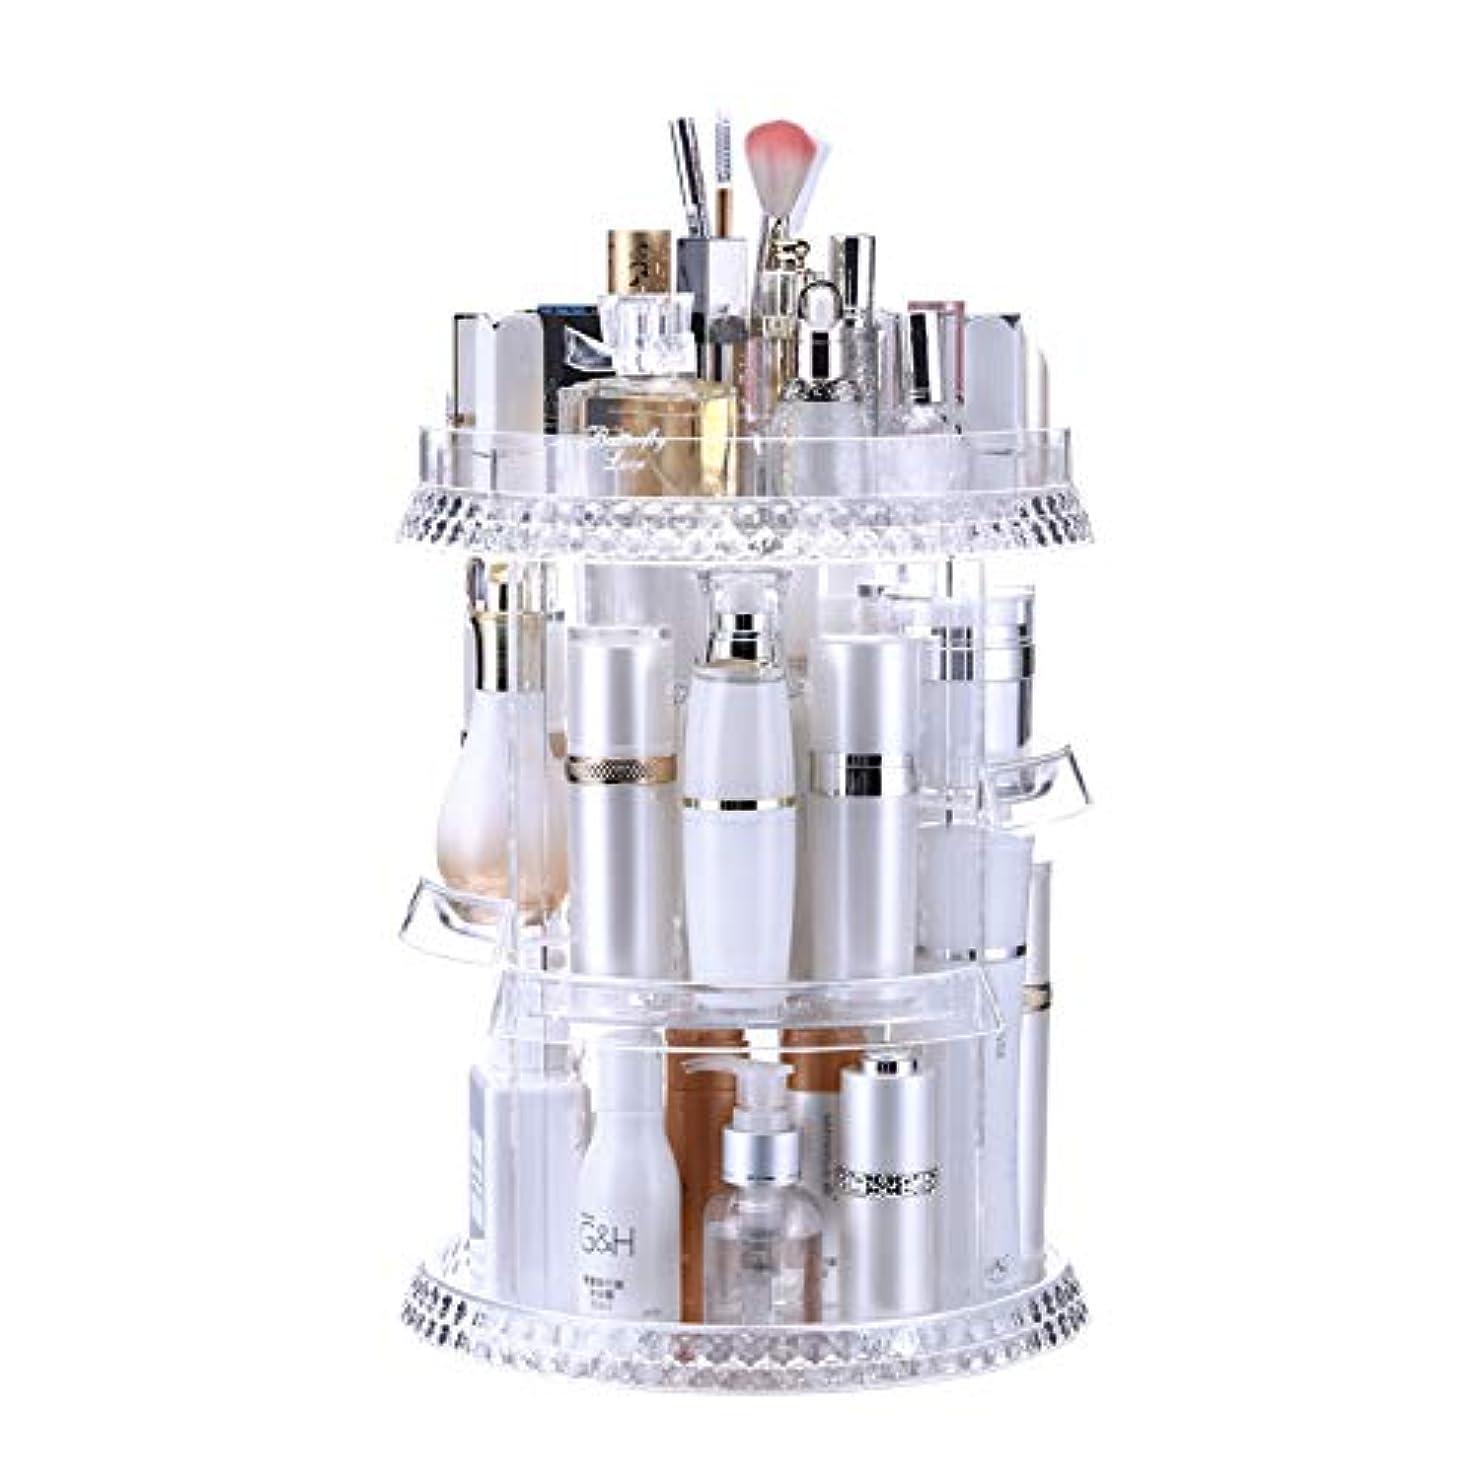 把握拡声器天井メイクボックス 化粧品収納ケース360度回転式コスメ収納ボックス 引き出し大容量 調節可能 組み立て式 きらきら 高透明度 丸洗いでき 化粧品 入れ 女の子のギフト